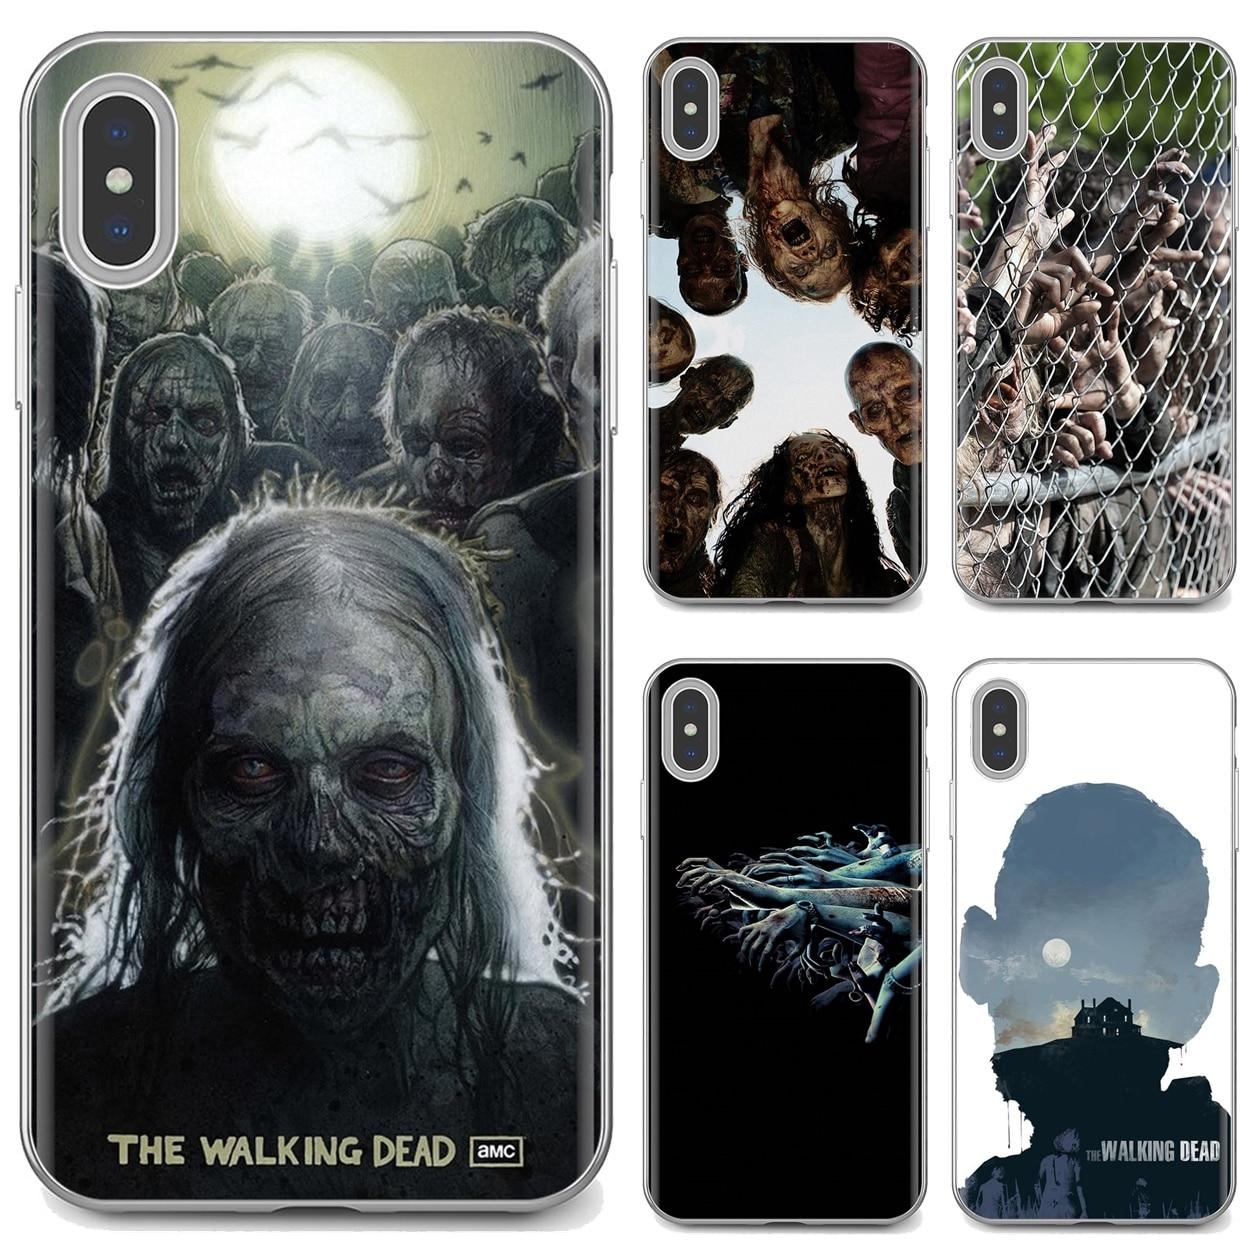 el-caminar-muerto-zombie-lindo-de-silicona-caso-de-telefono-para-samsung-galaxy-a10-a30-a40-a50-a60-a70-a12-a31-a41-a51-a71-a20e-a21s-m30